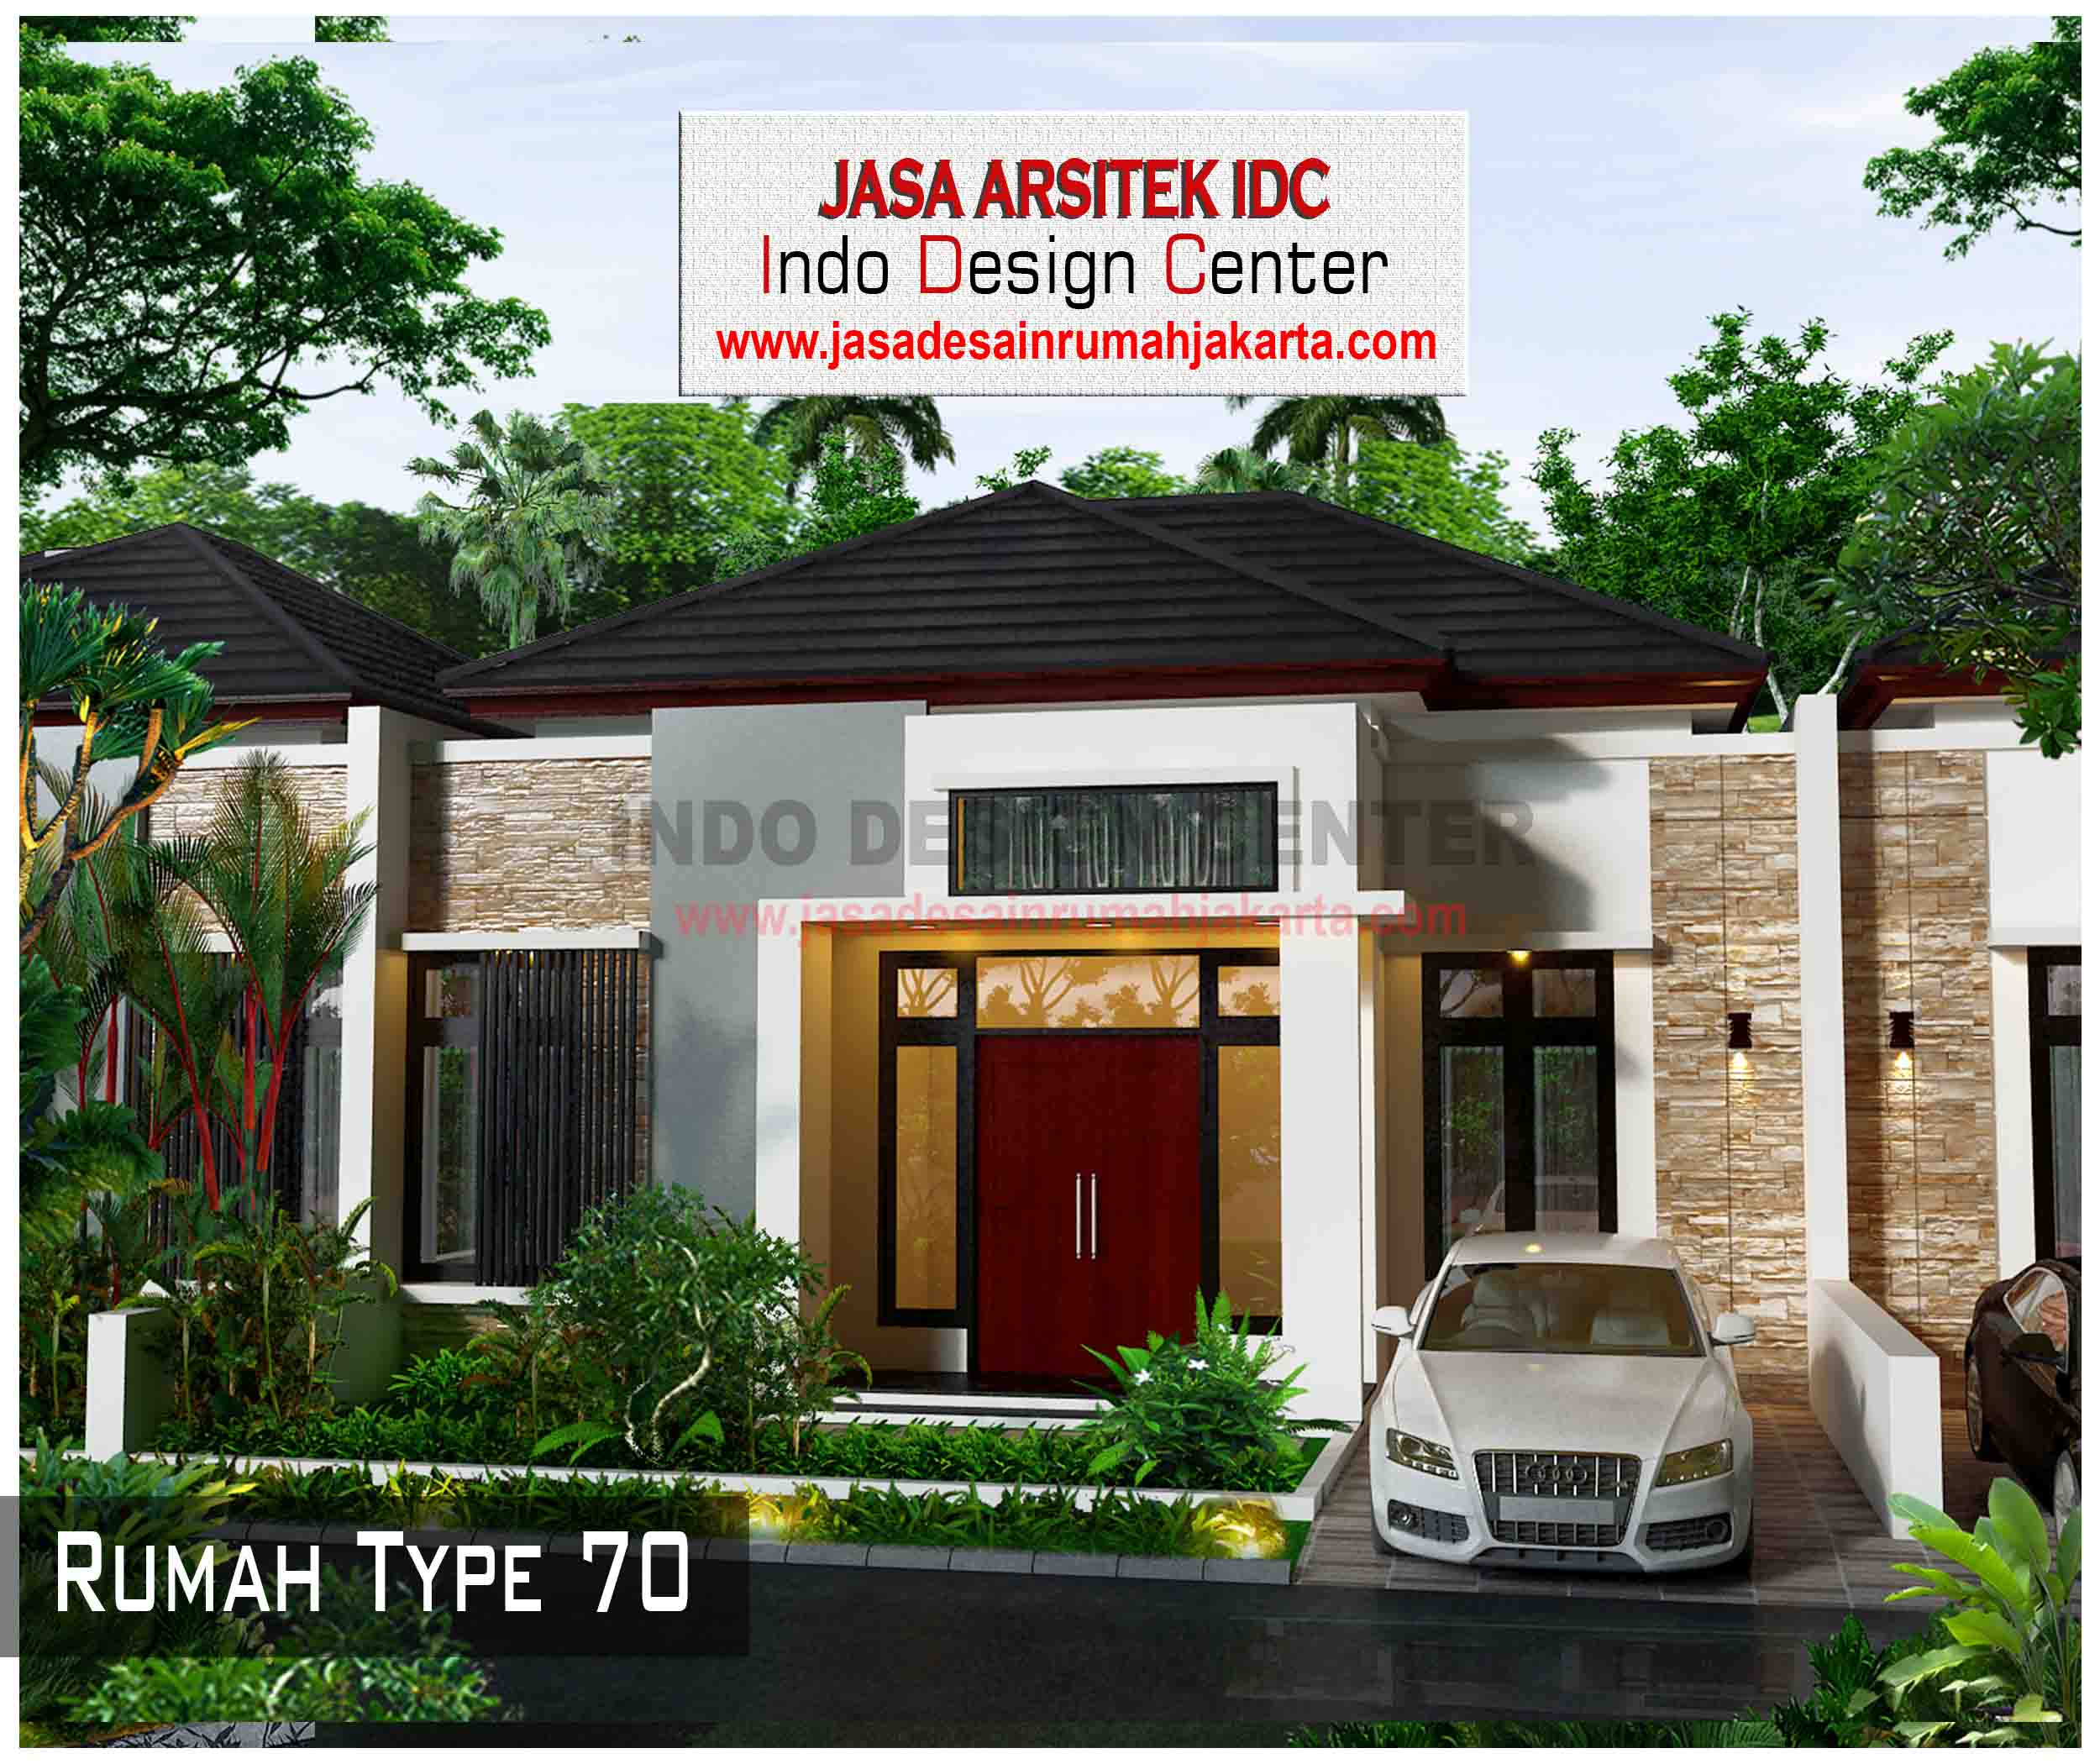 Desain Rumah Type 70 Arsip Jasa Desain Rumah Jakarta